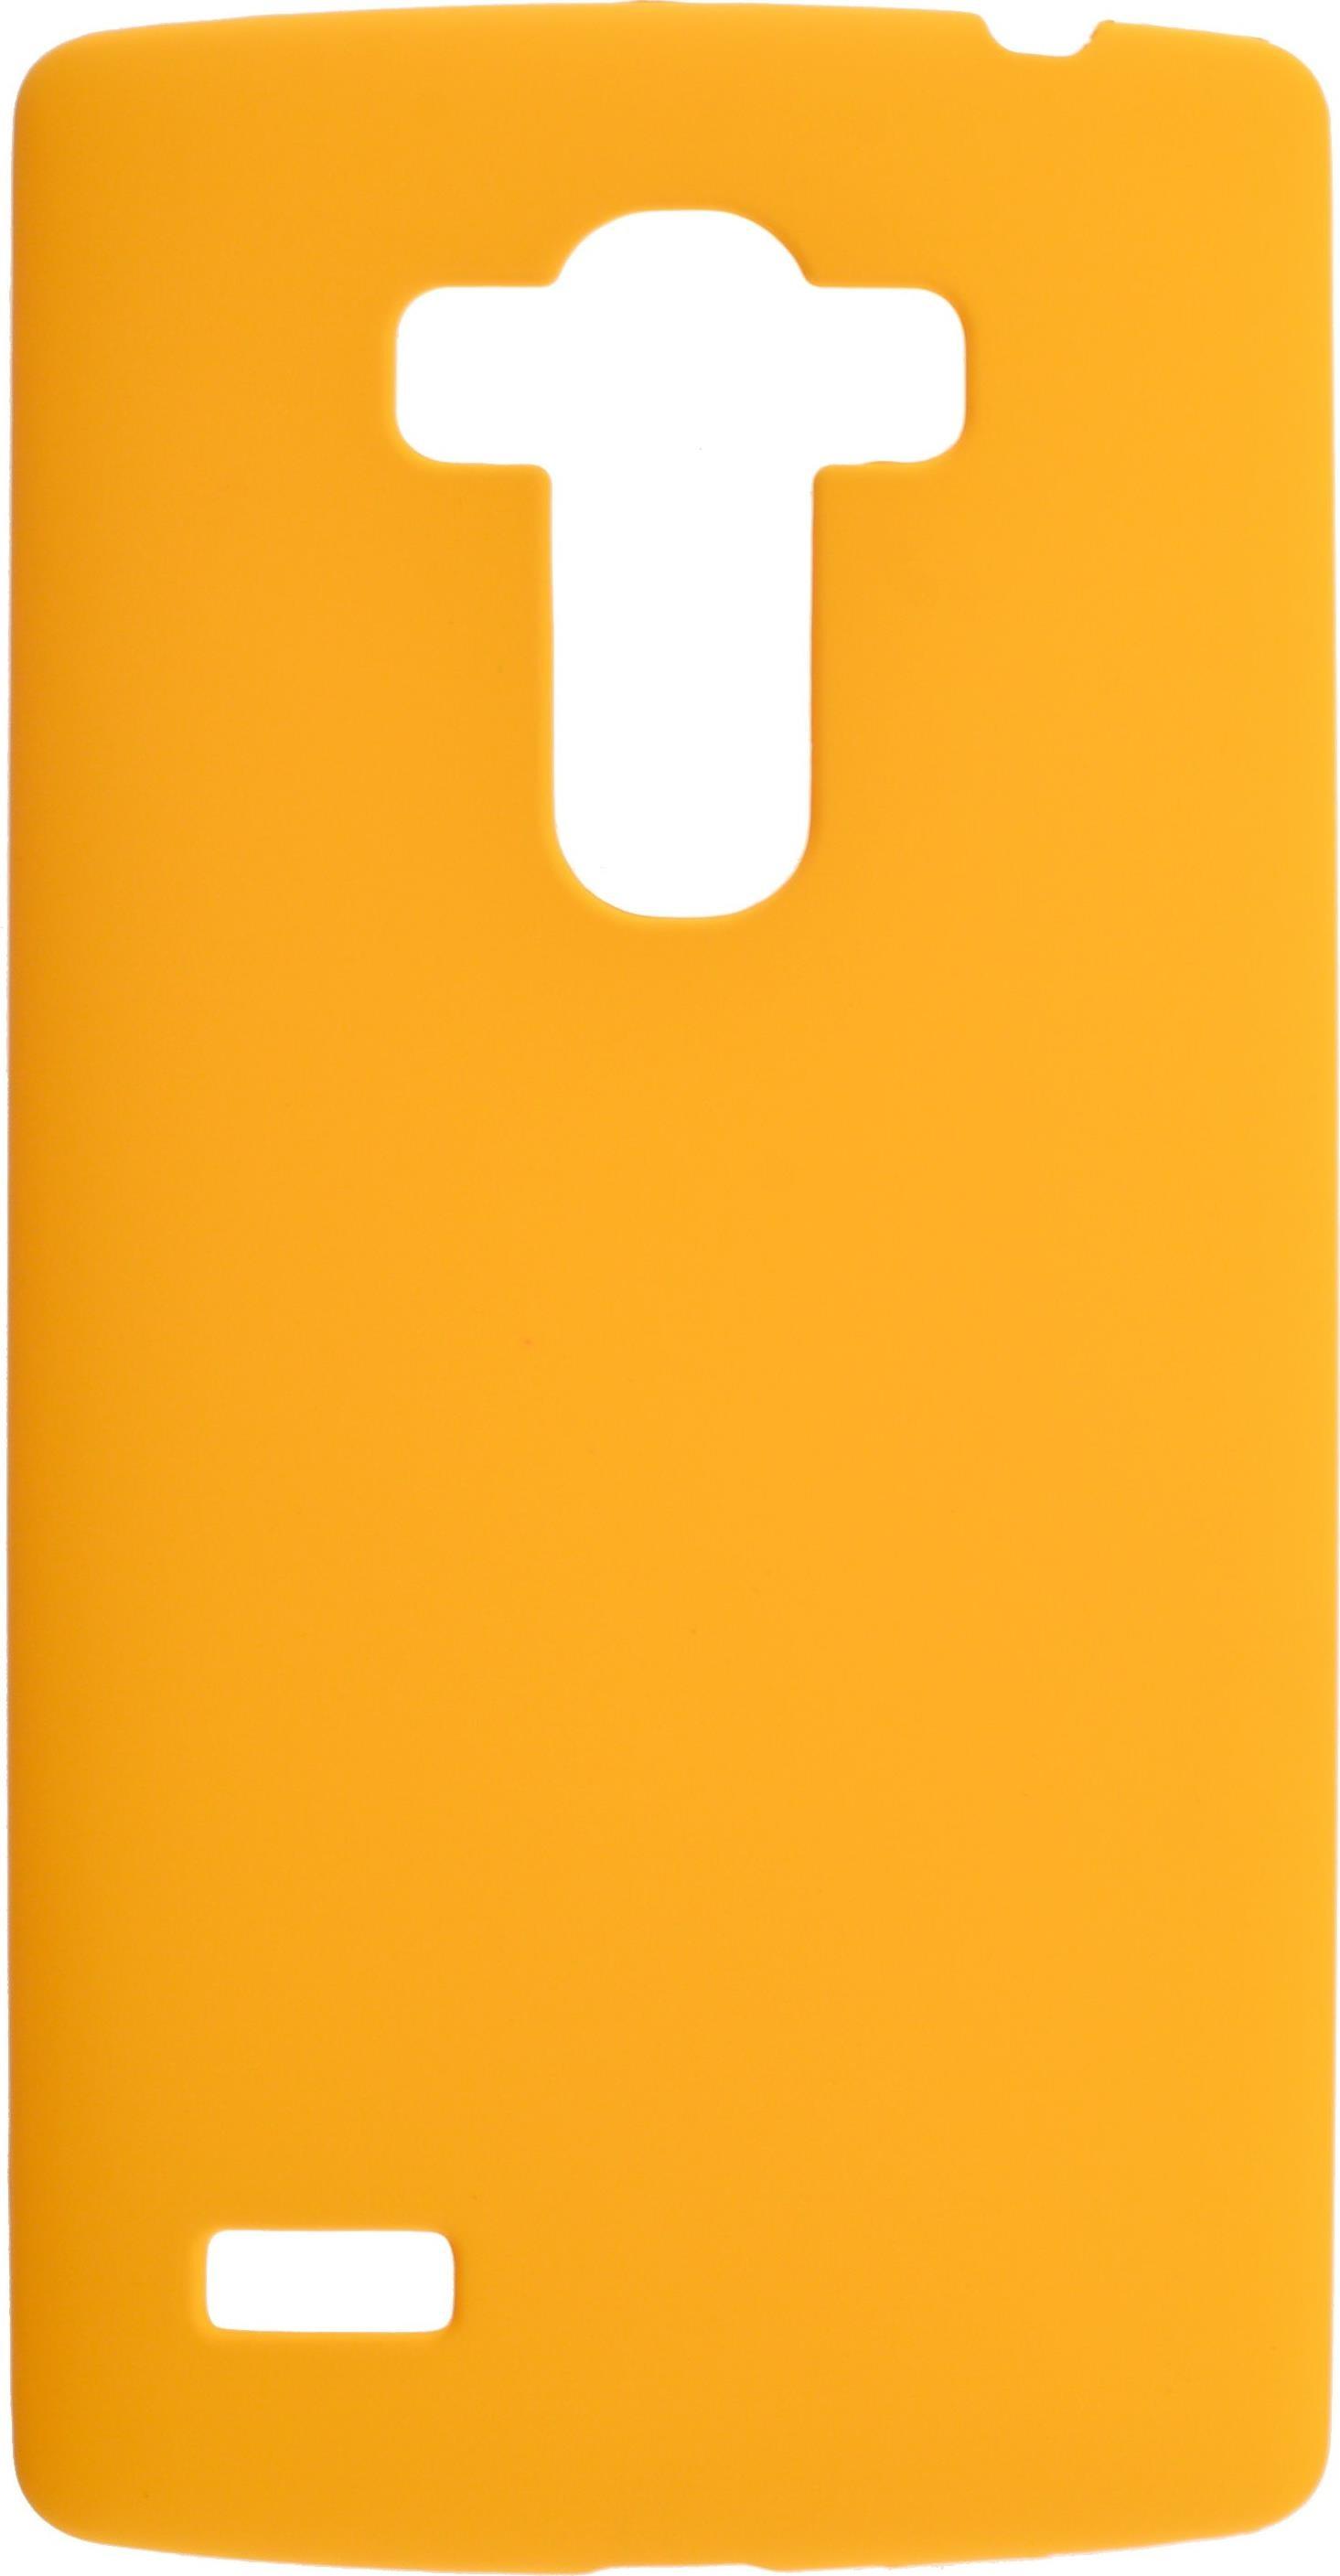 Накладка skinBOX для LG G4S, 2000000079233, желтый стоимость